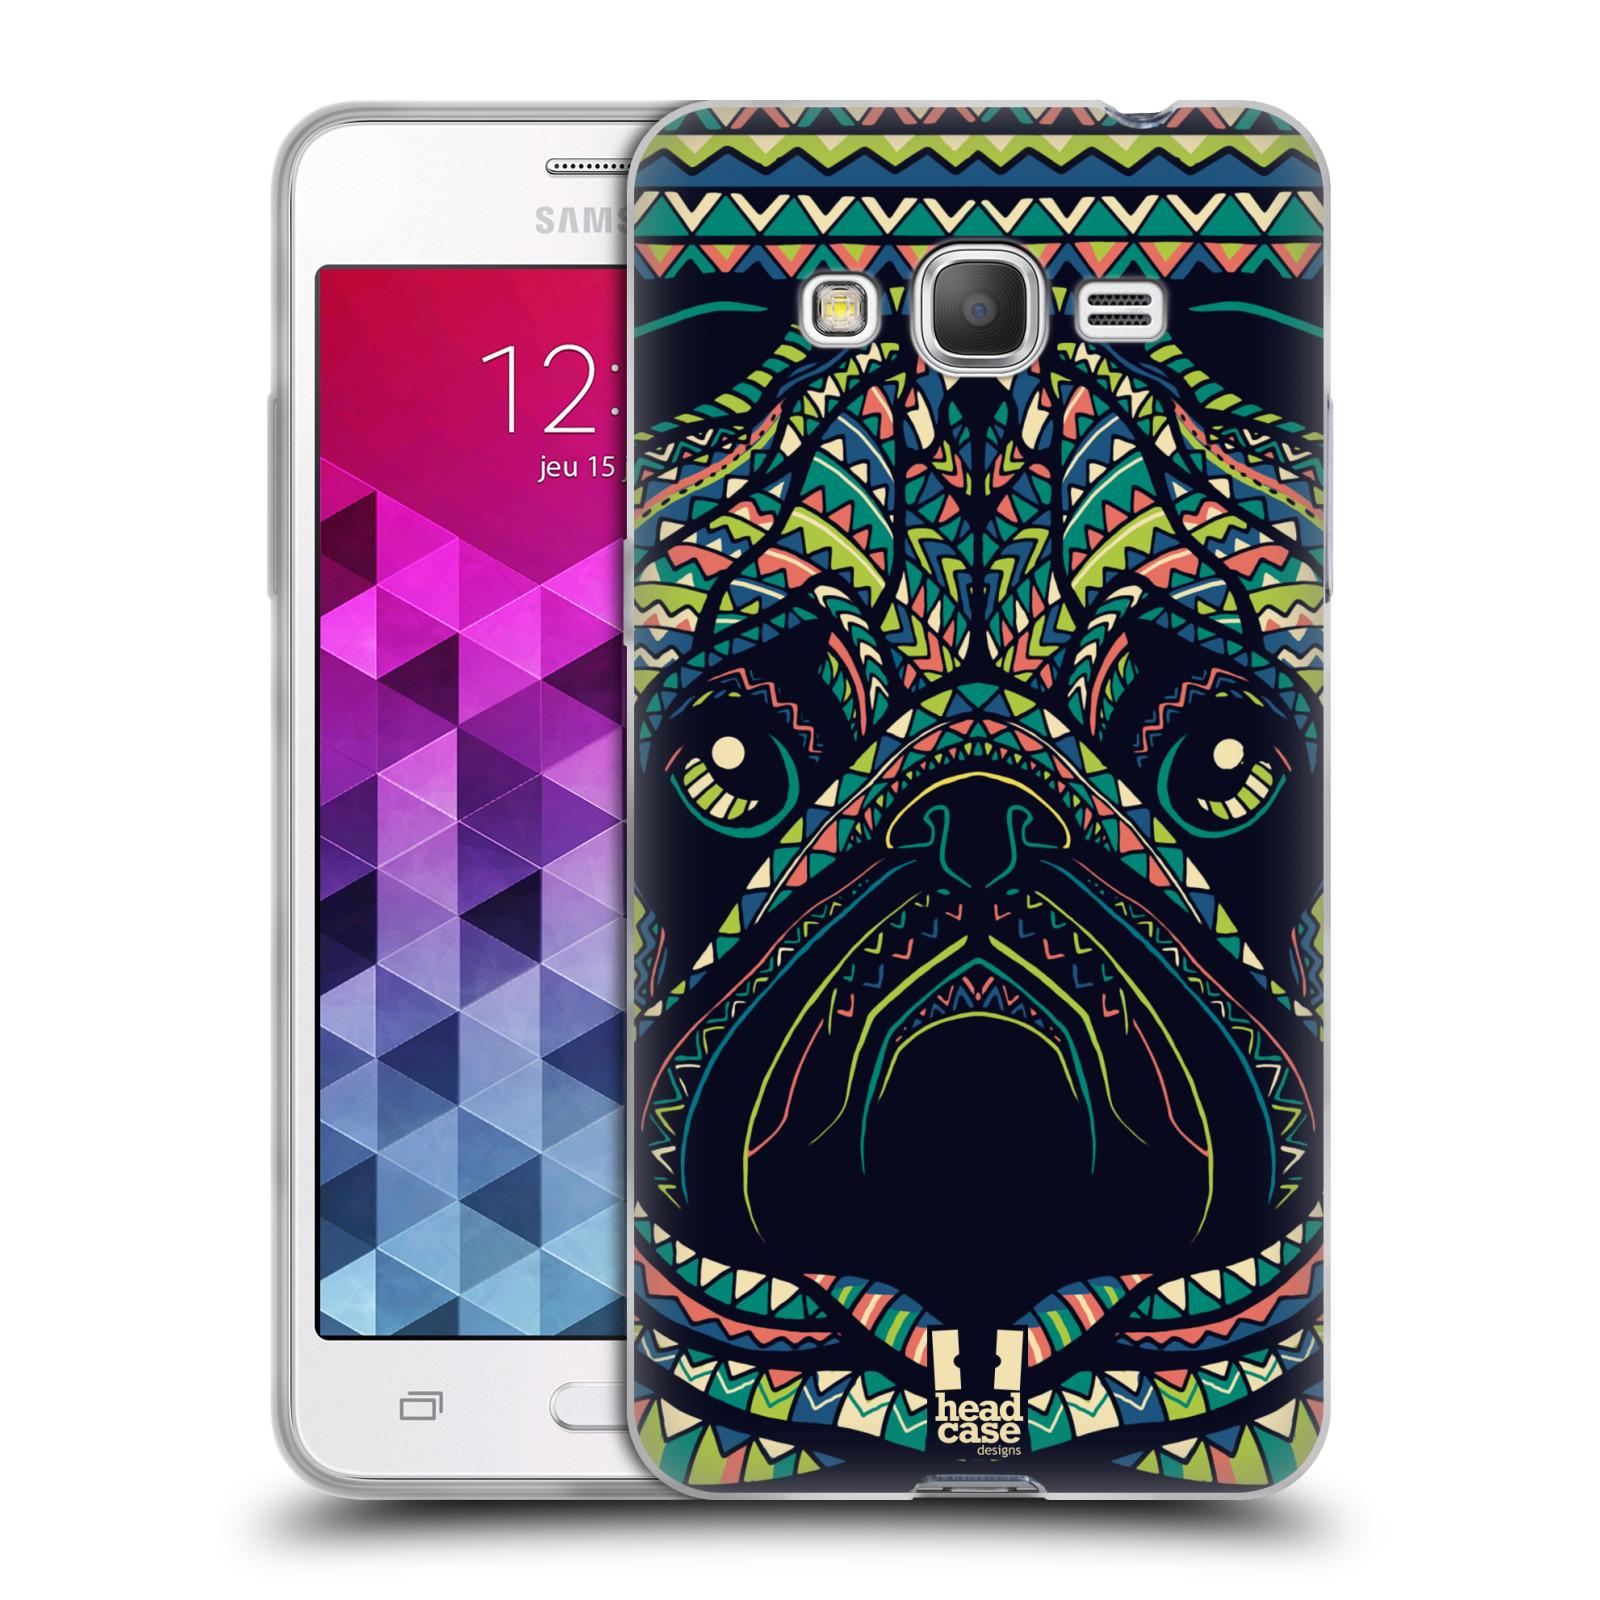 HEAD CASE silikonový obal na mobil Samsung Galaxy GRAND PRIME vzor Aztécký motiv zvíře 3 mopsík